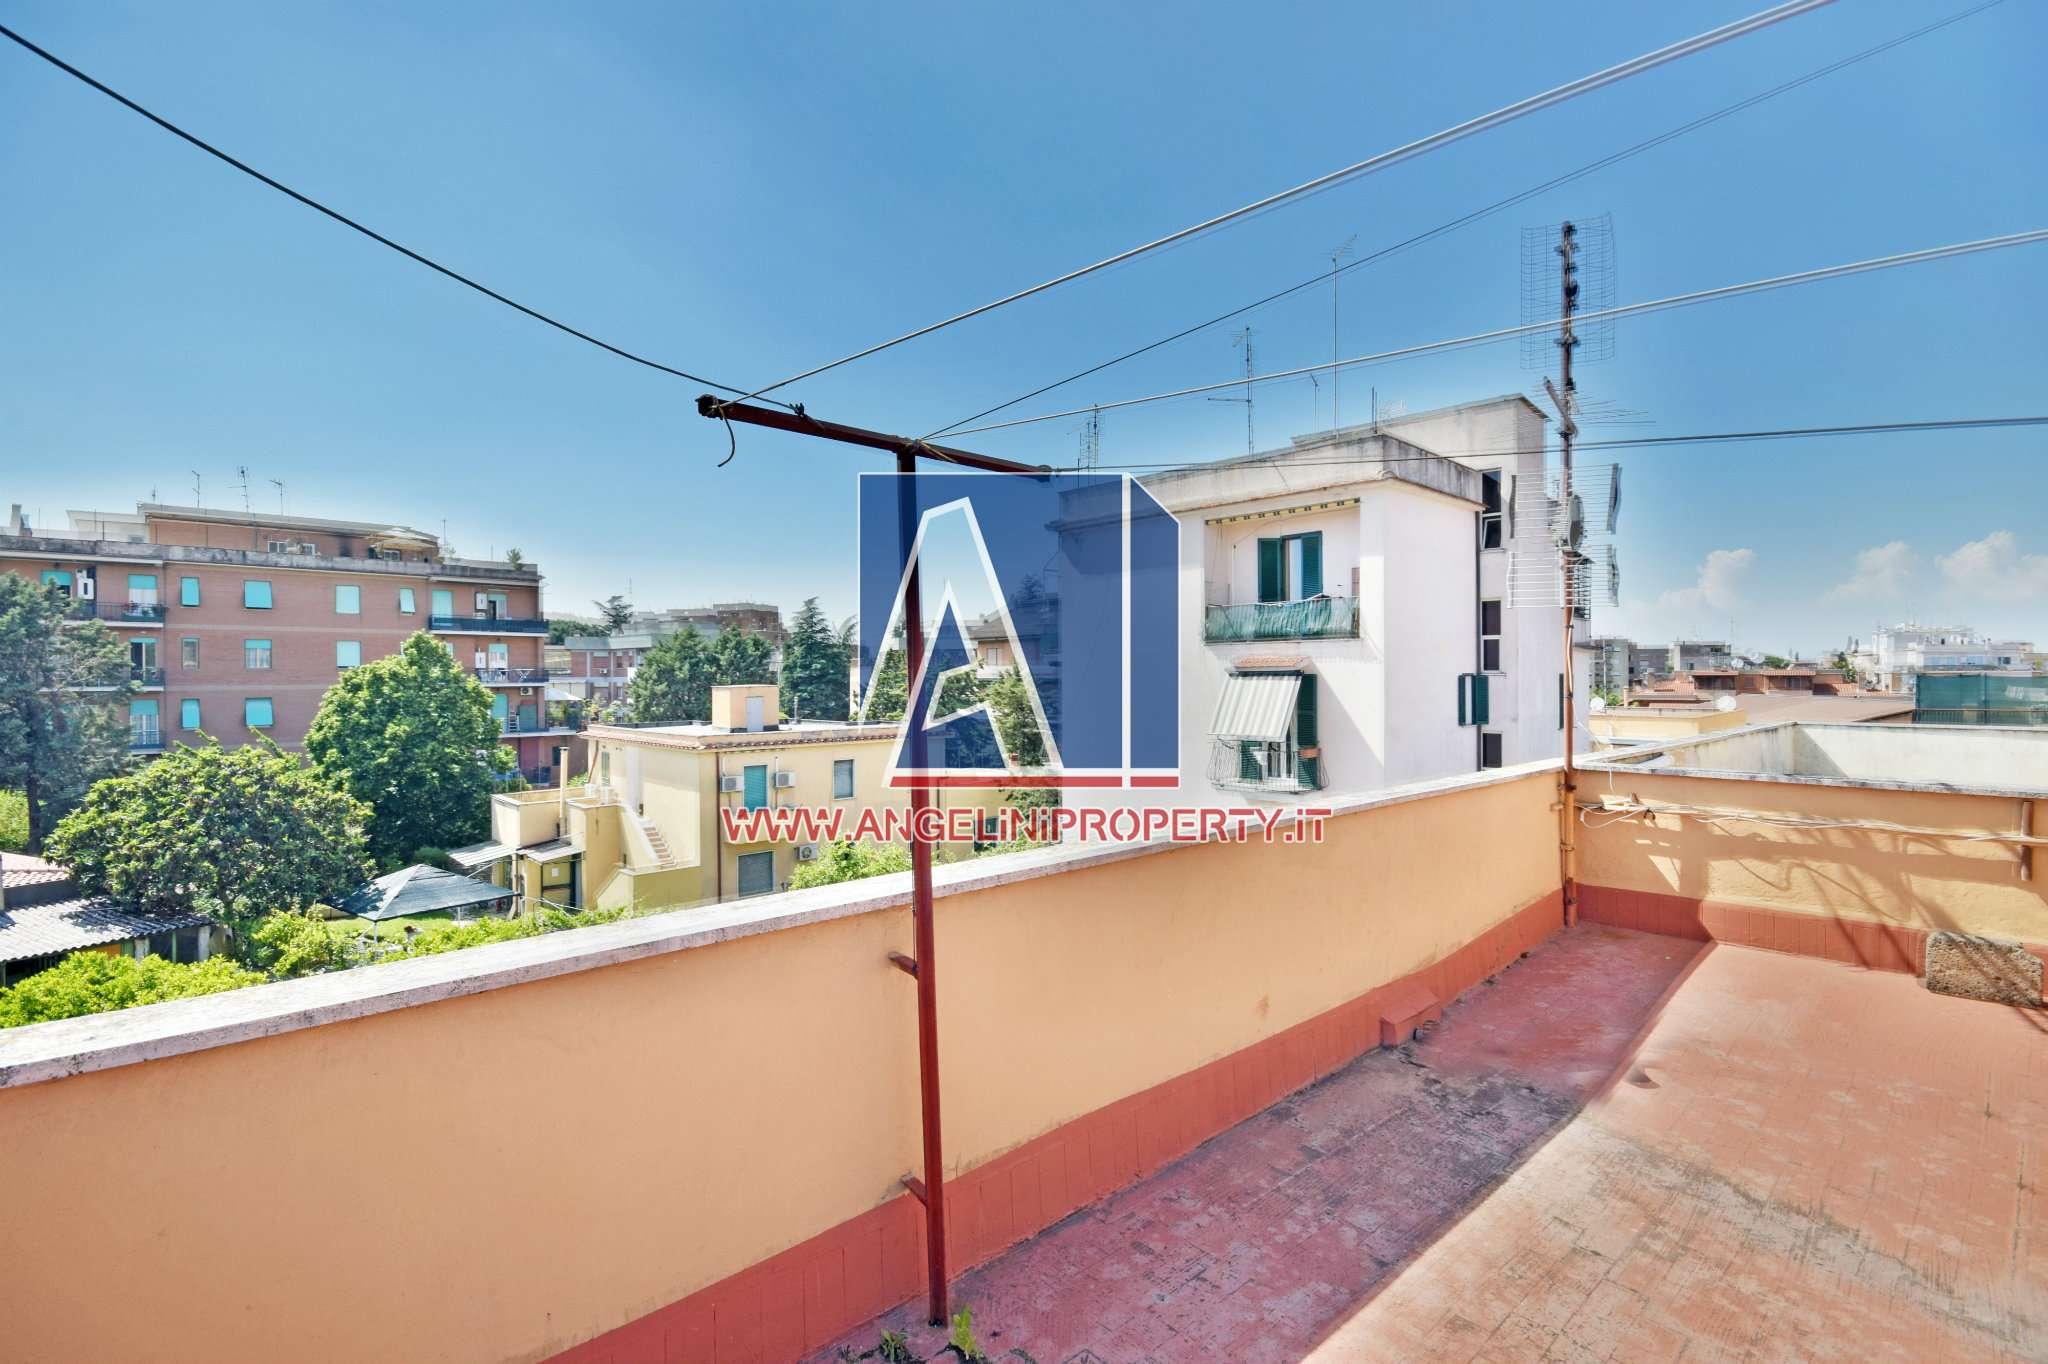 Attico / Mansarda in vendita a Roma, 3 locali, zona Zona: 4 . Nomentano, Bologna, Policlinico, prezzo € 202.000 | CambioCasa.it